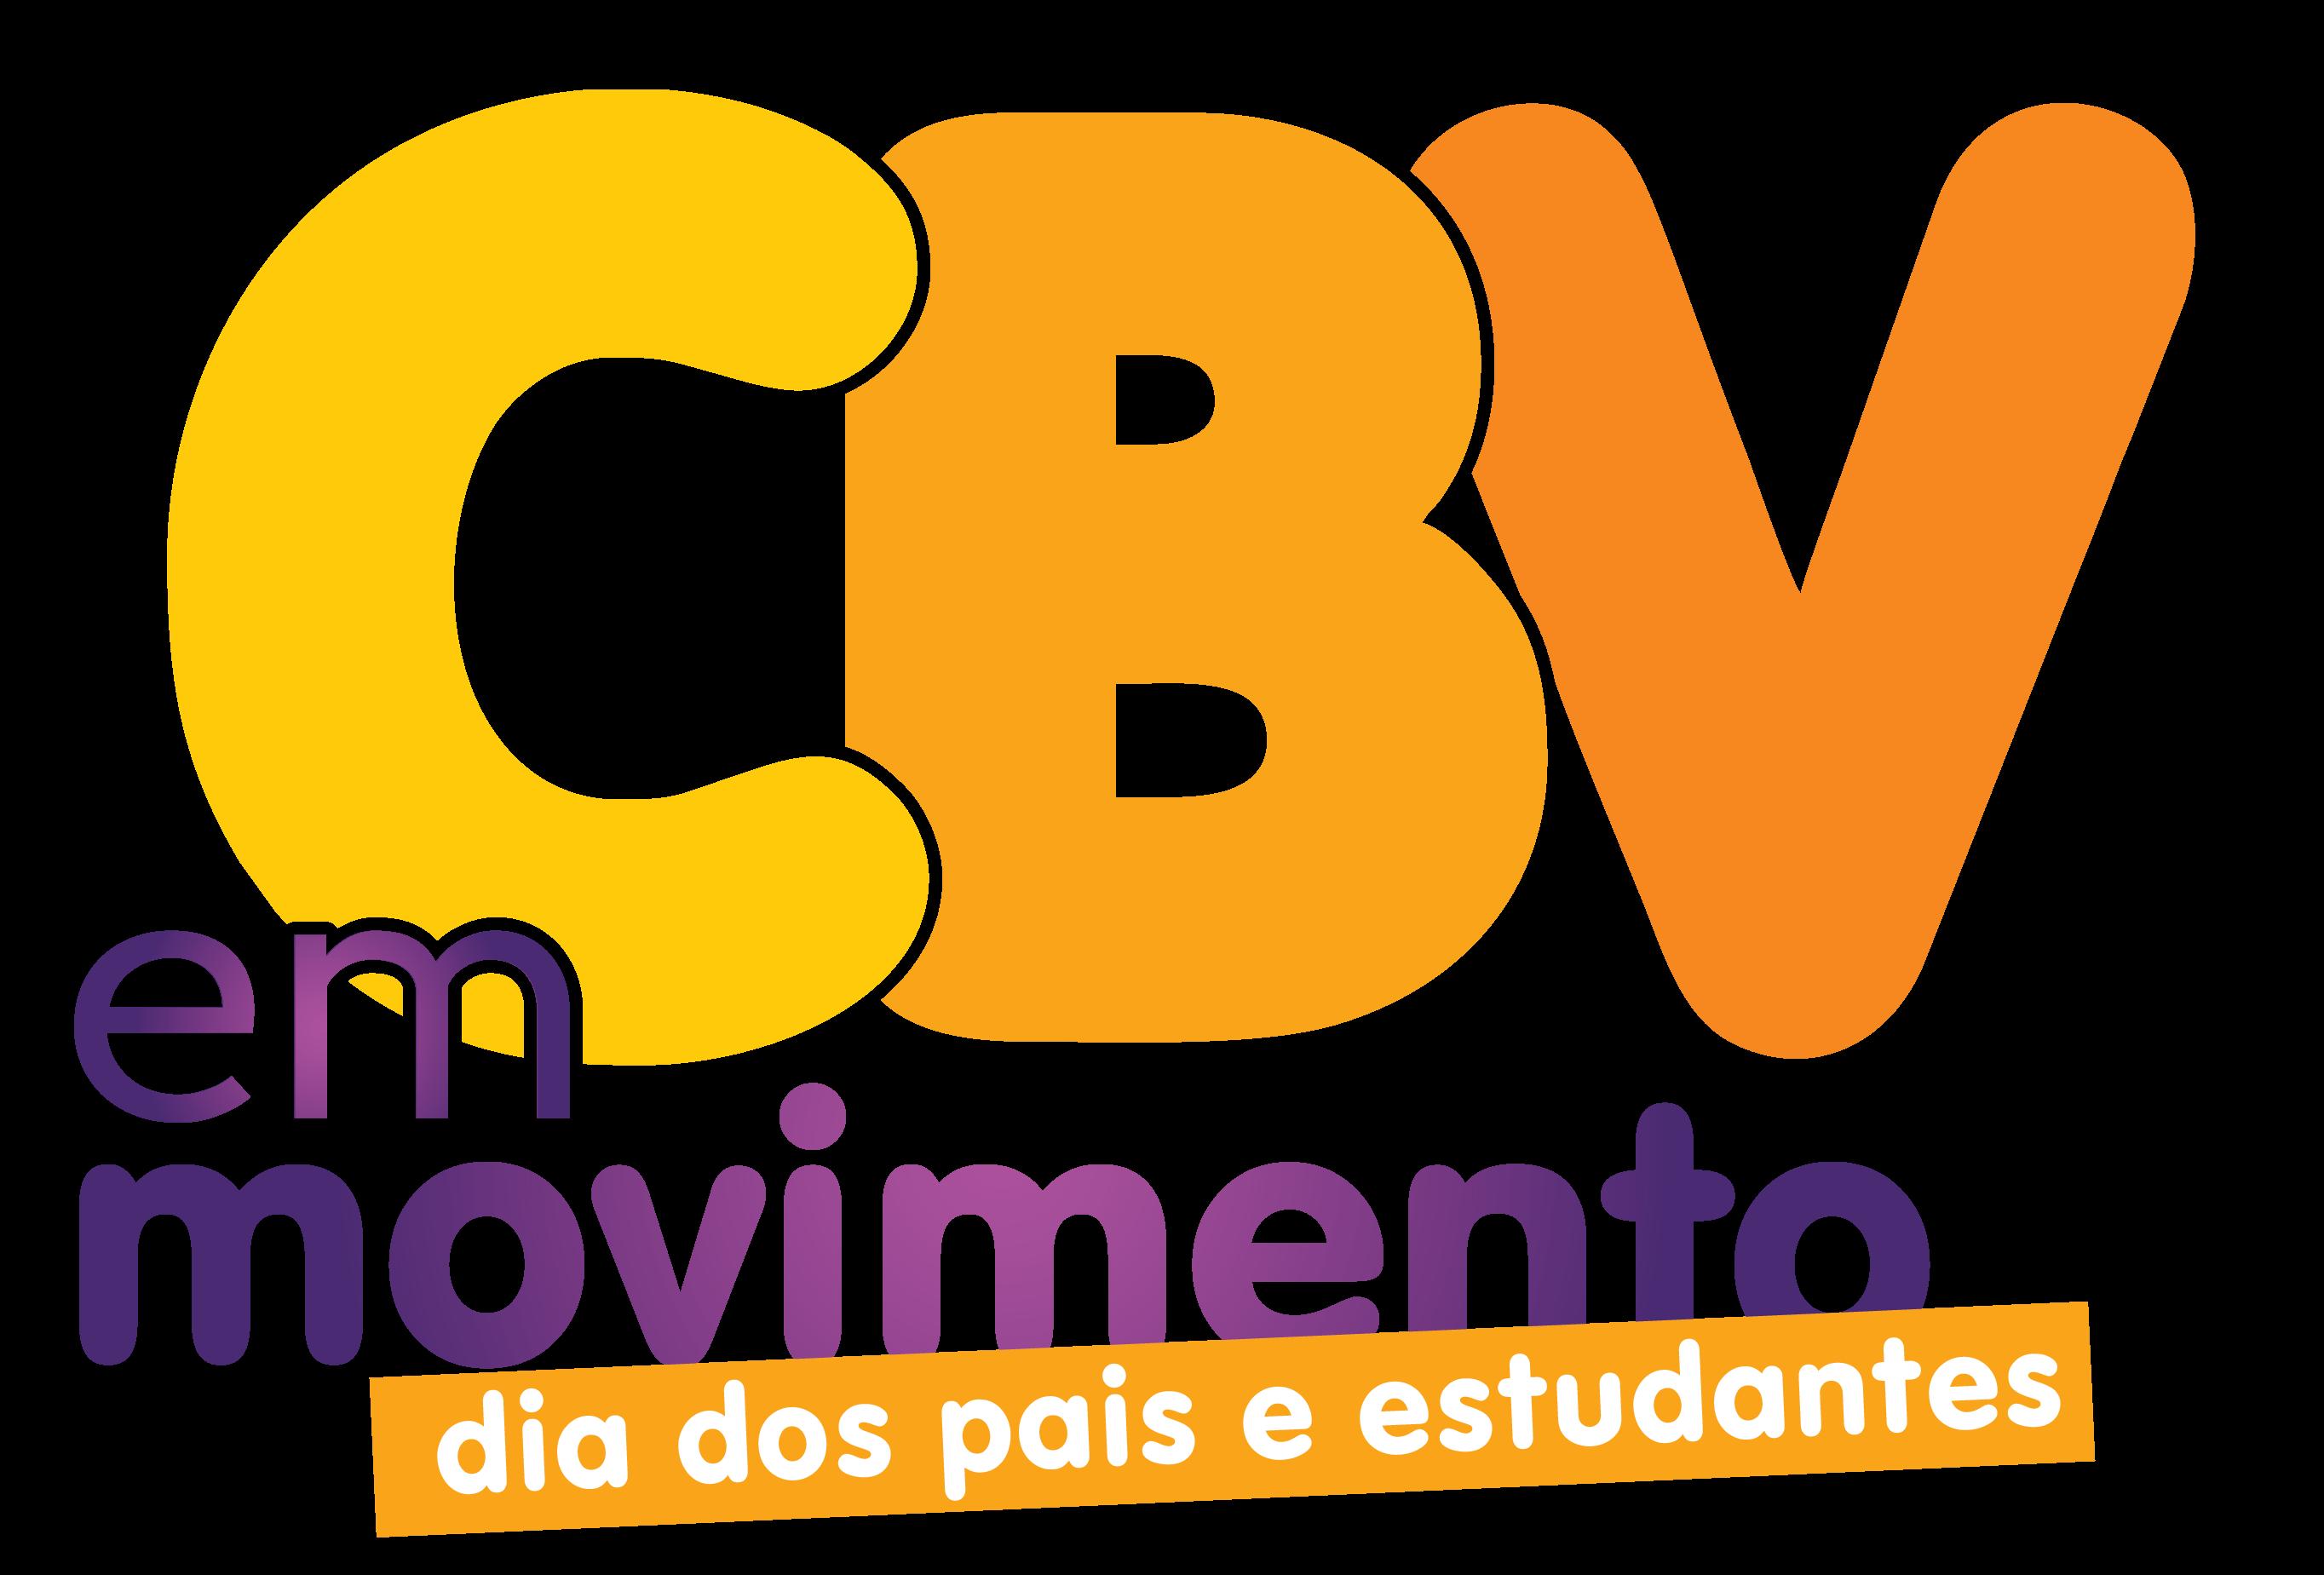 Campus Boa Vista reúne pais e estudantes em atividades recreativas